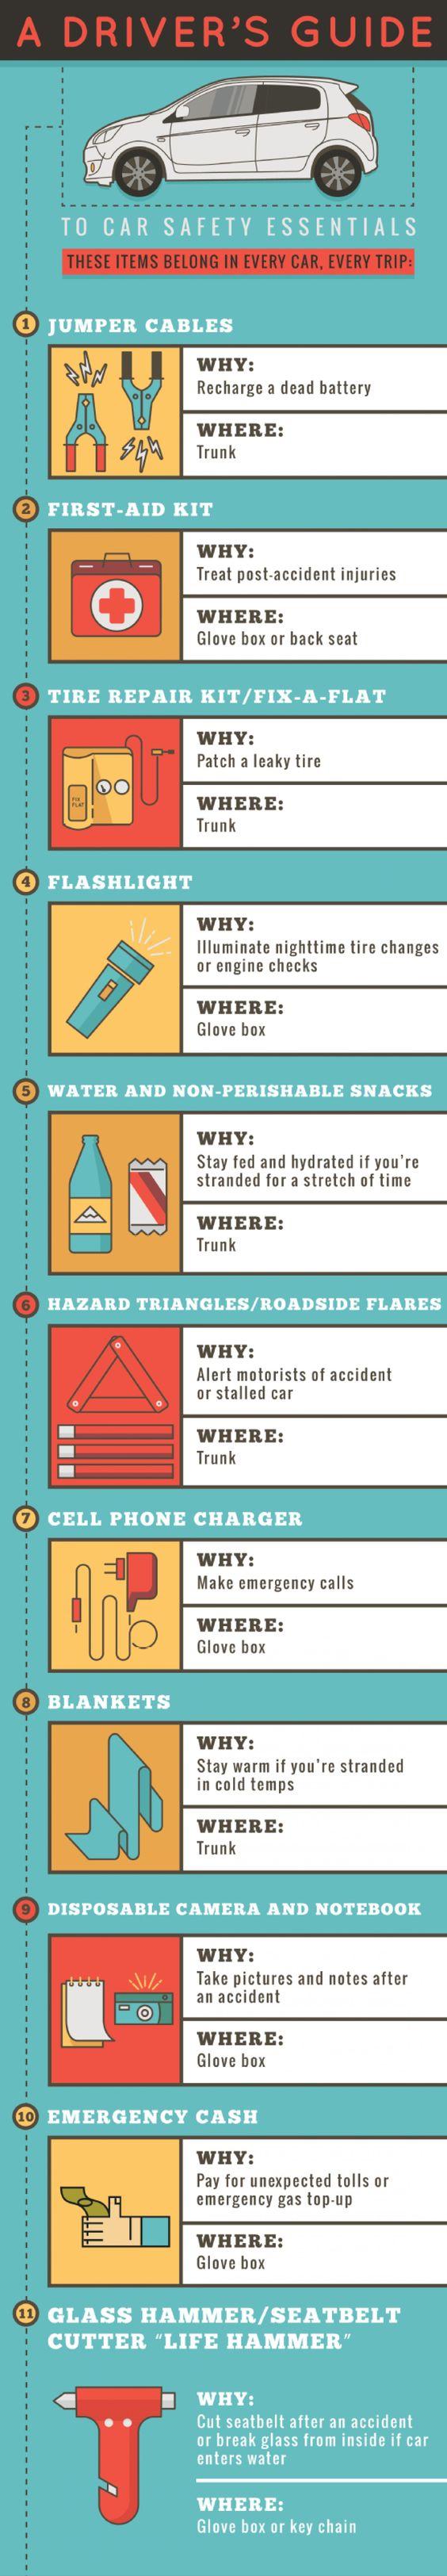 car safety essentials